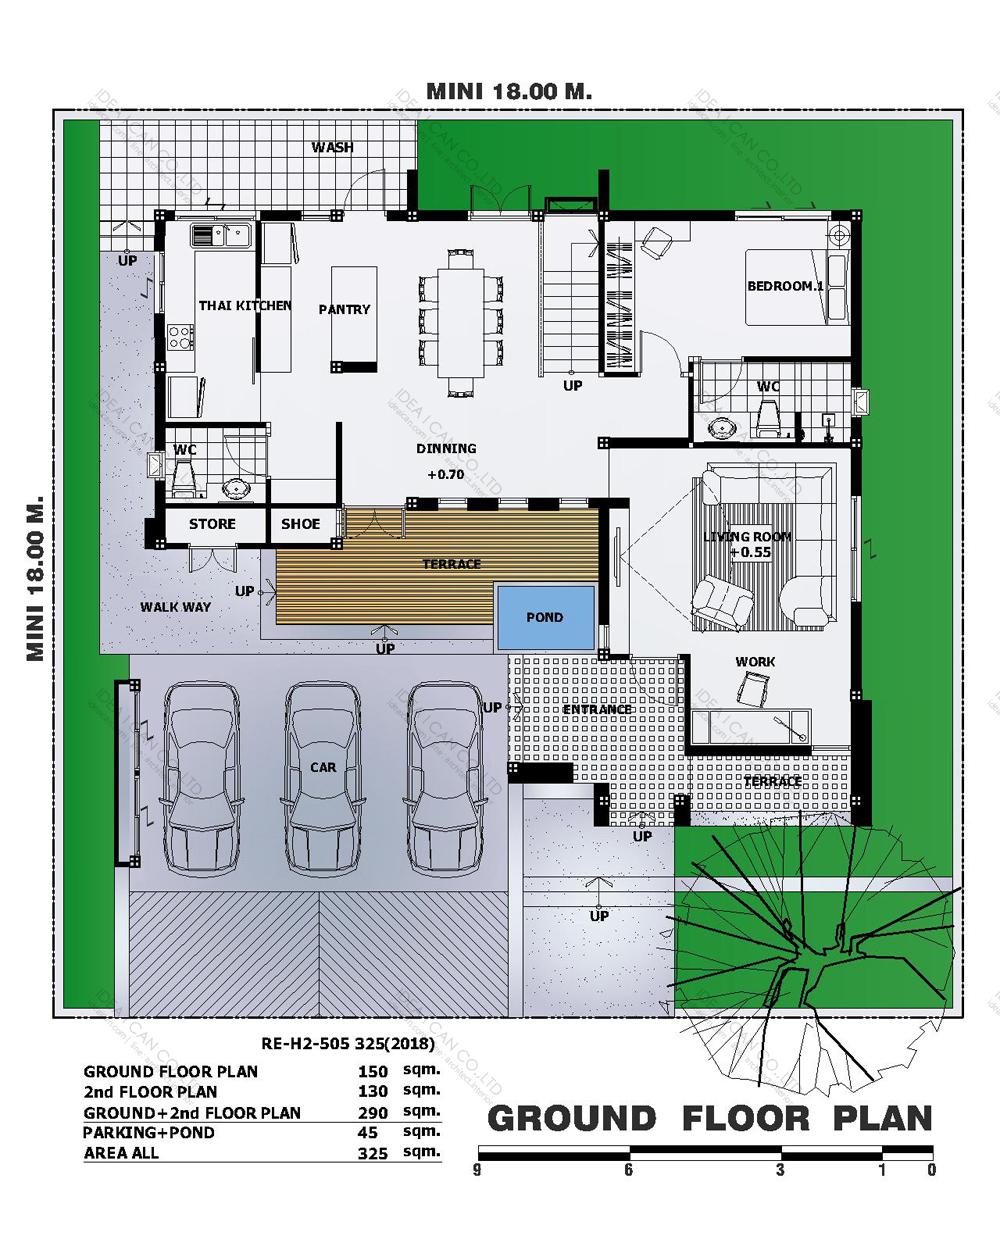 แบบบ้านสองชั้นสไตล์รีสอร์ท, แบบบ้าน 2 ชั้น, แบบบ้าน 4 ห้องนอน, ห้องน้ำสไตล์รีสอรท, พื้นที่ใช้สอย 325 ตร.ม., RE-H2-505.325(2018), แบบบ้านสไตล์รีสอร์ท , รับเหมาก่อสร้าง, รับสร้างบ้าน, รับสร้างบ้านสองชั้น